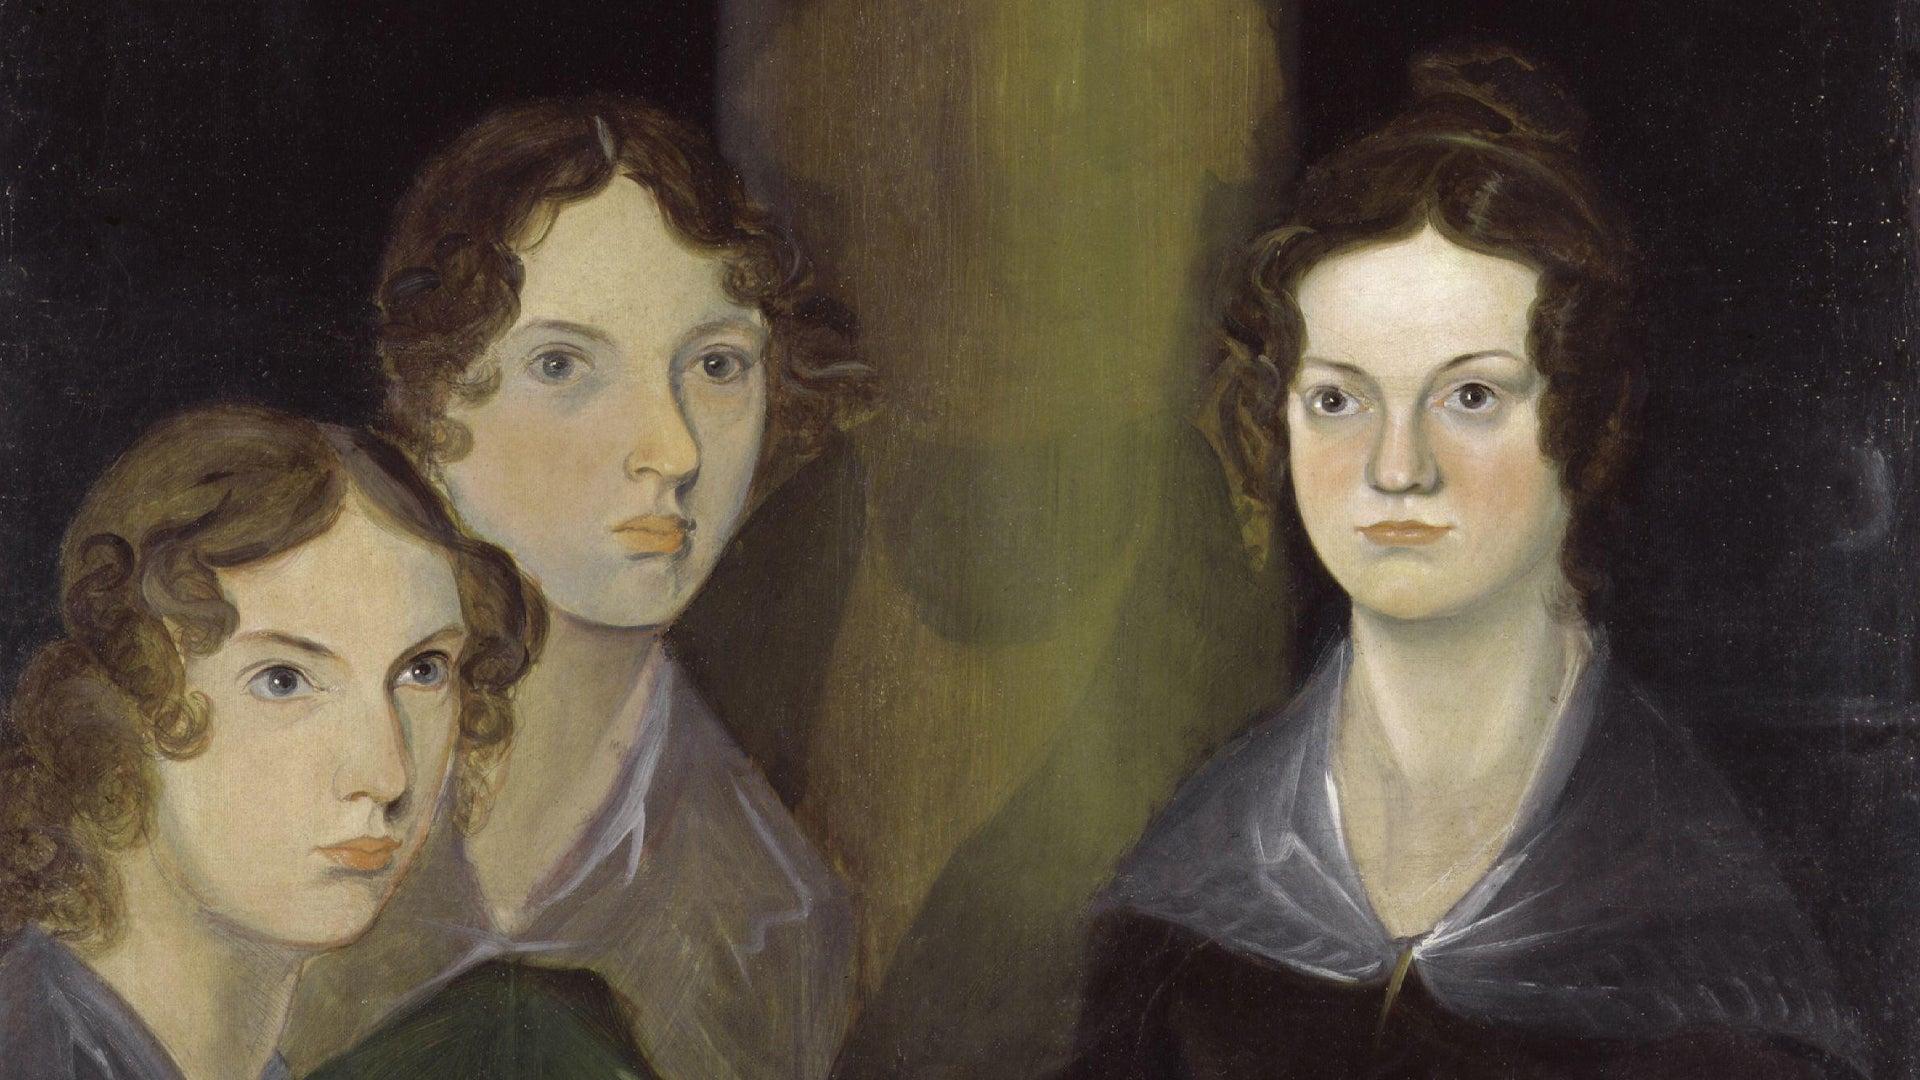 bronte-sisters-patrick-branwell-bronte-restored.jpg